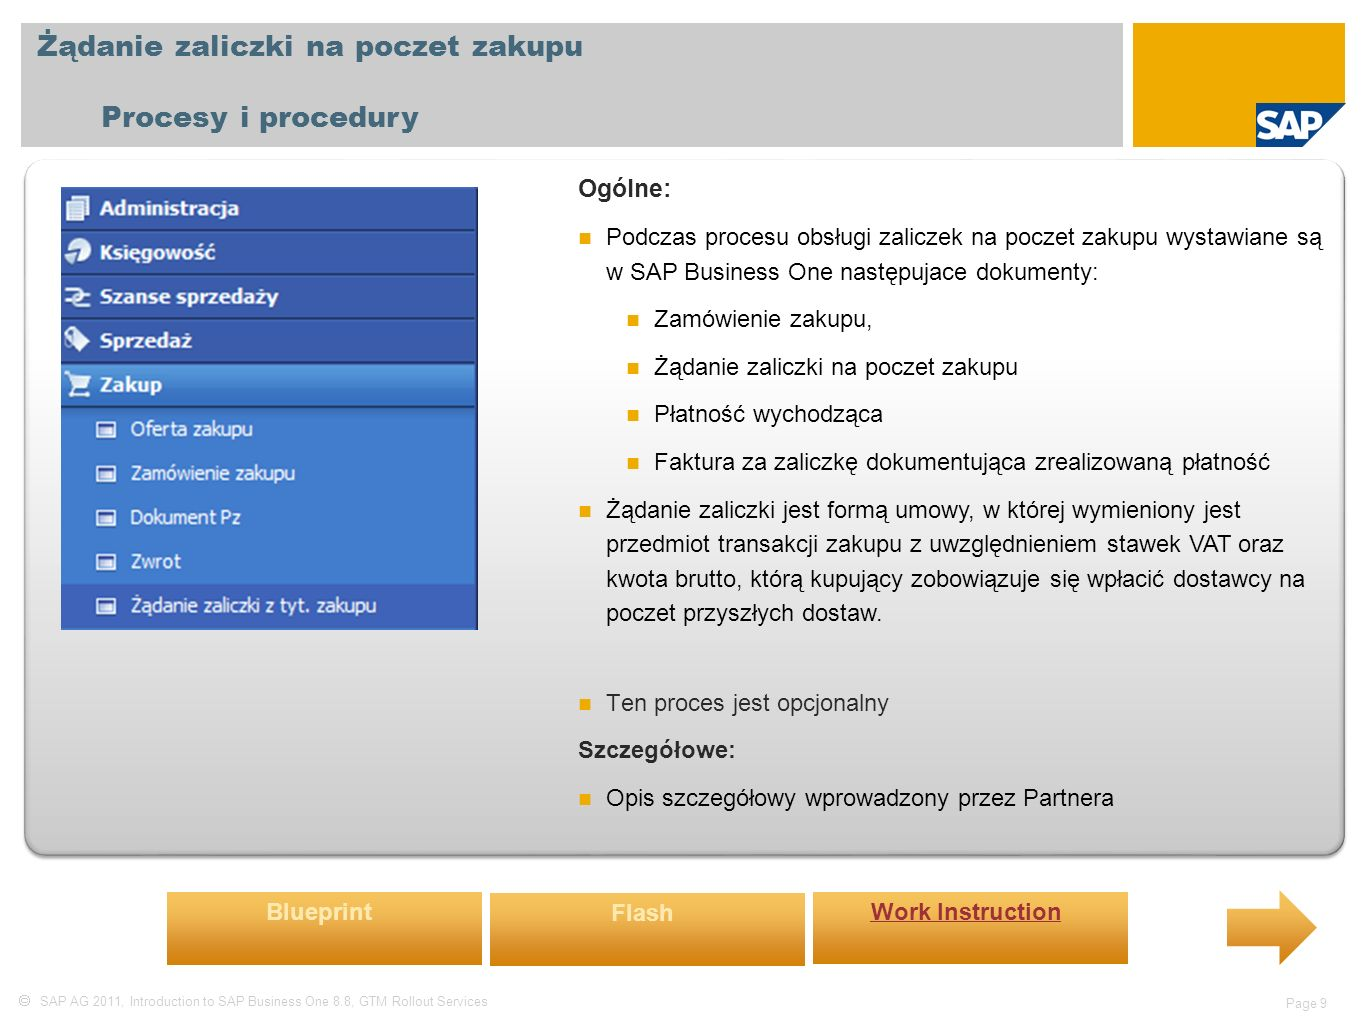  SAP AG 2011, Introduction to SAP Business One 8.8, GTM Rollout Services Page 9 Żądanie zaliczki na poczet zakupu Procesy i procedury Ogólne: Podczas